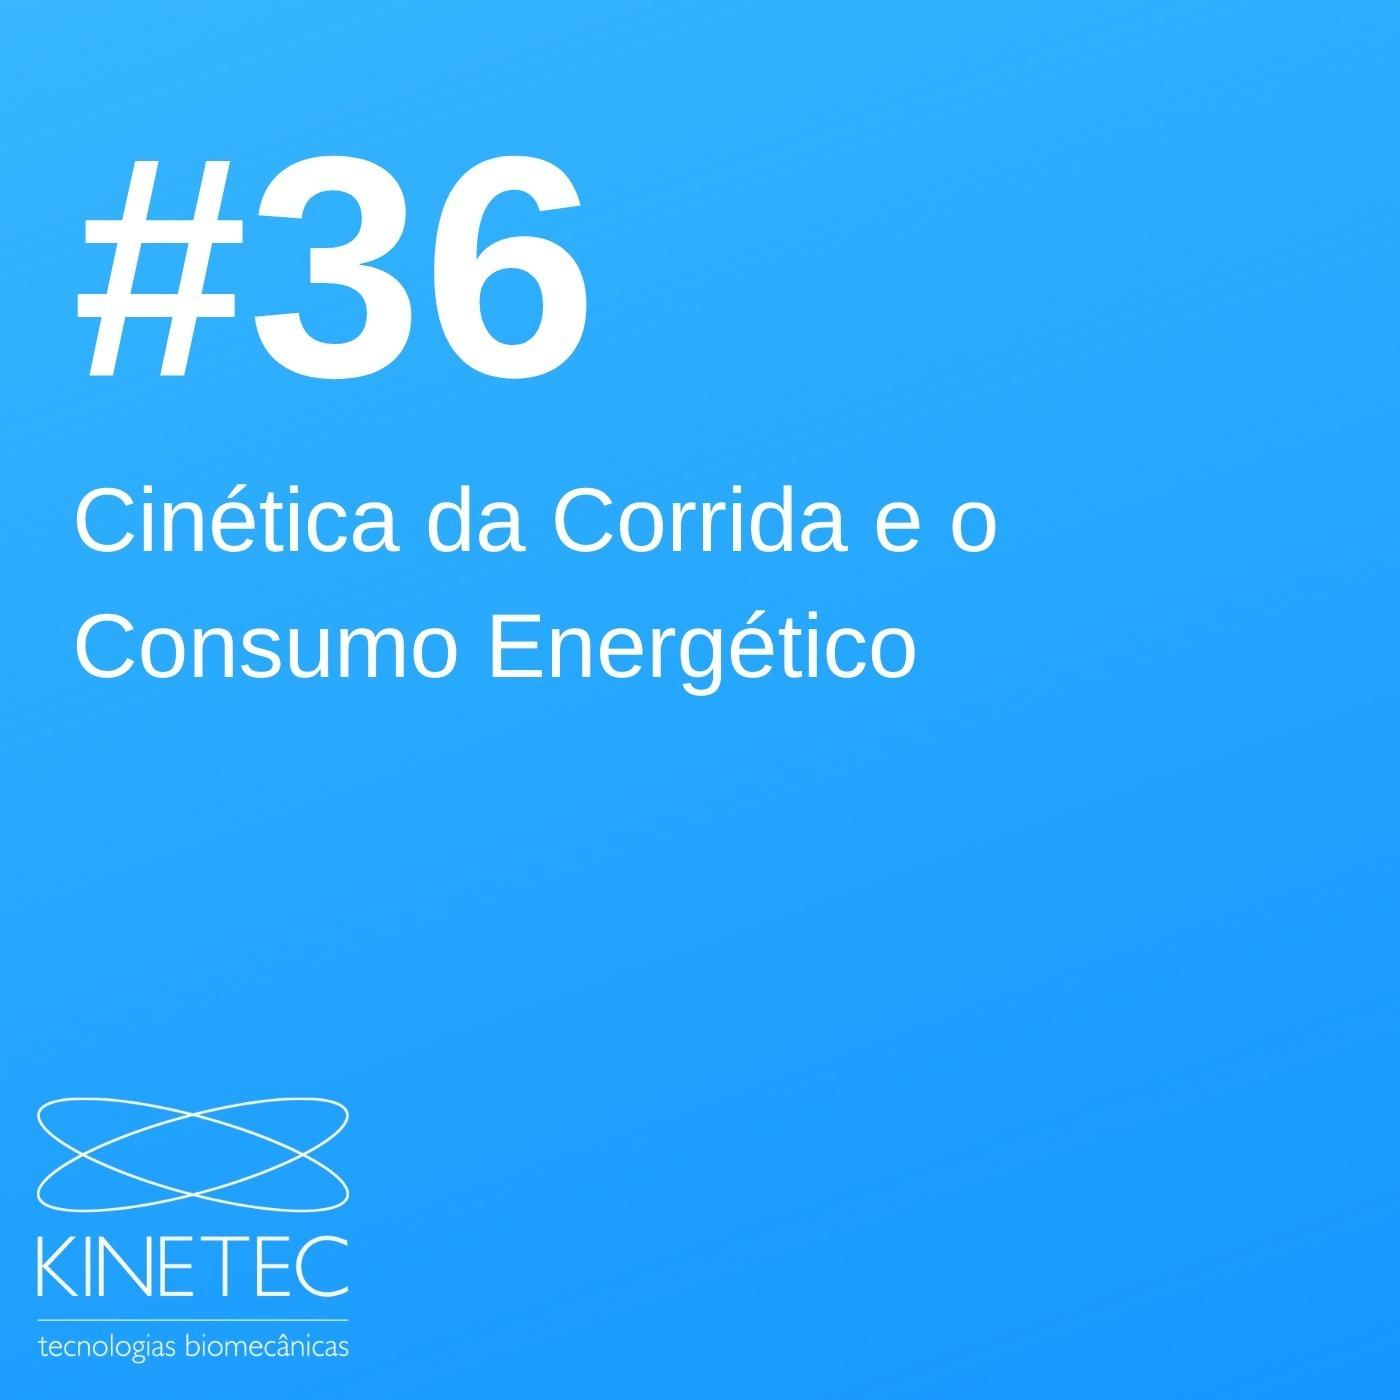 #036 Cinética da Corrida e o Consumo Energético